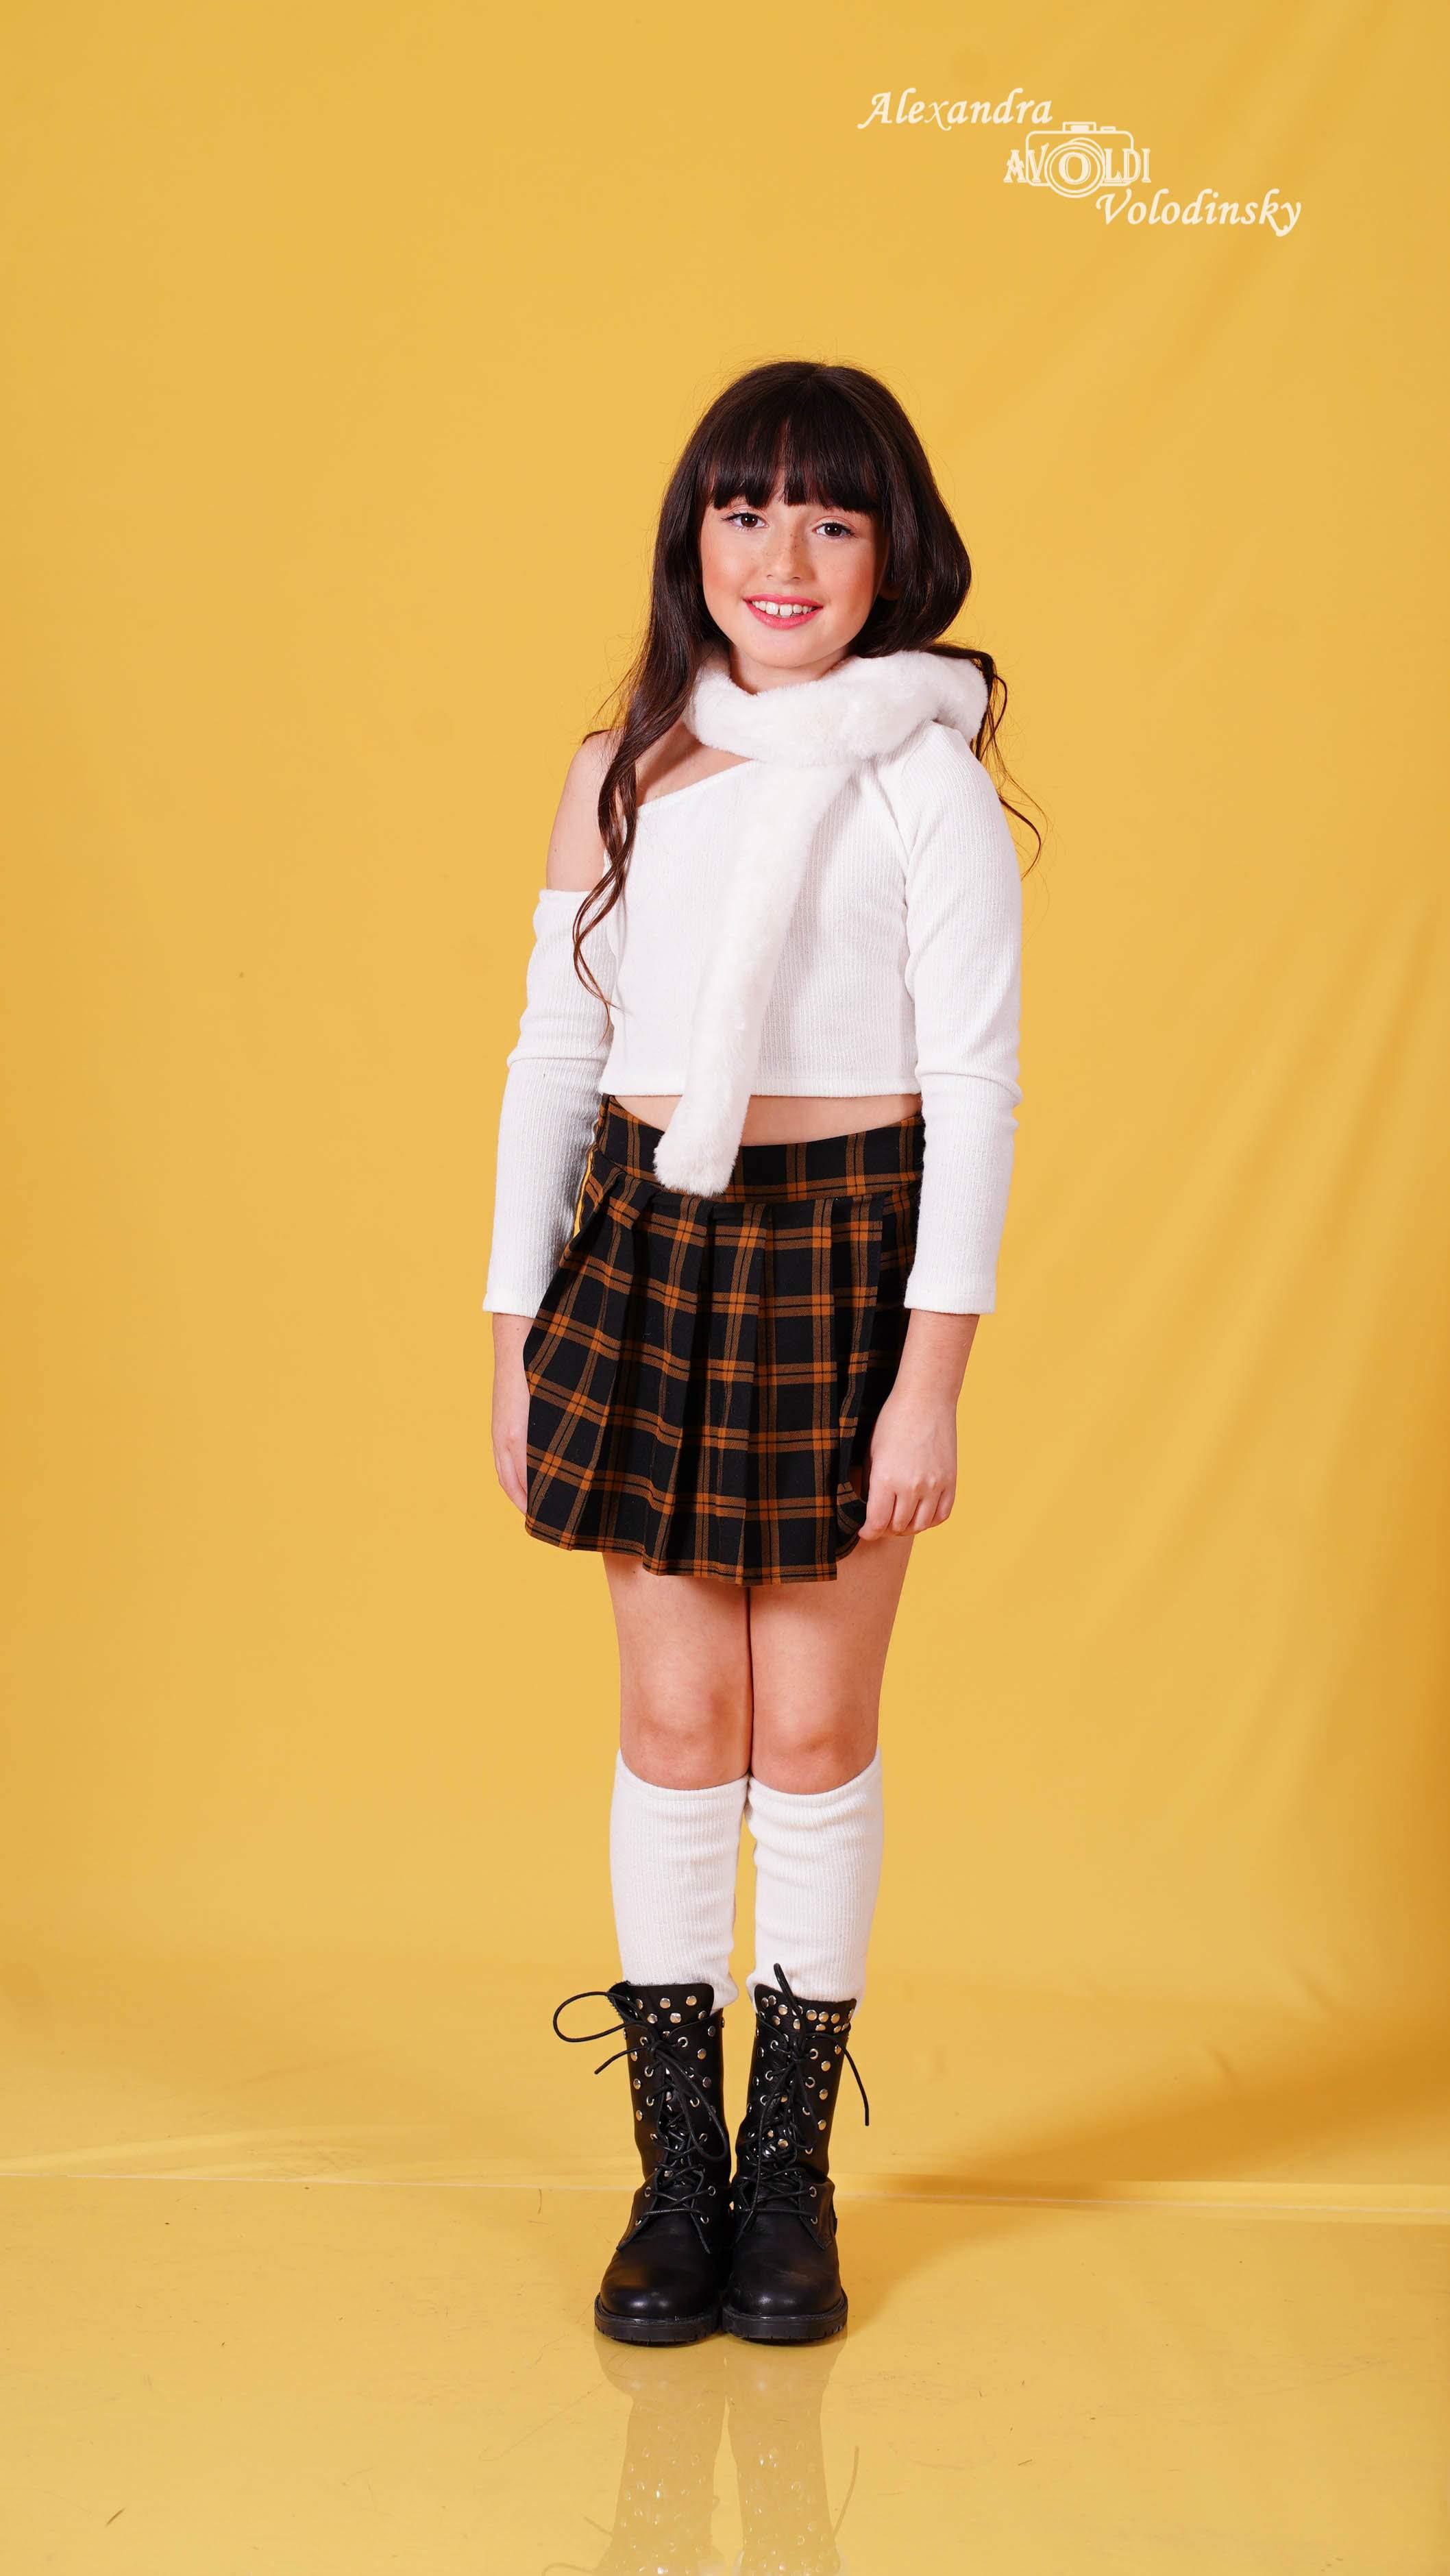 סט חצאית מכנס חולצה חותלות וצעיף פרווה